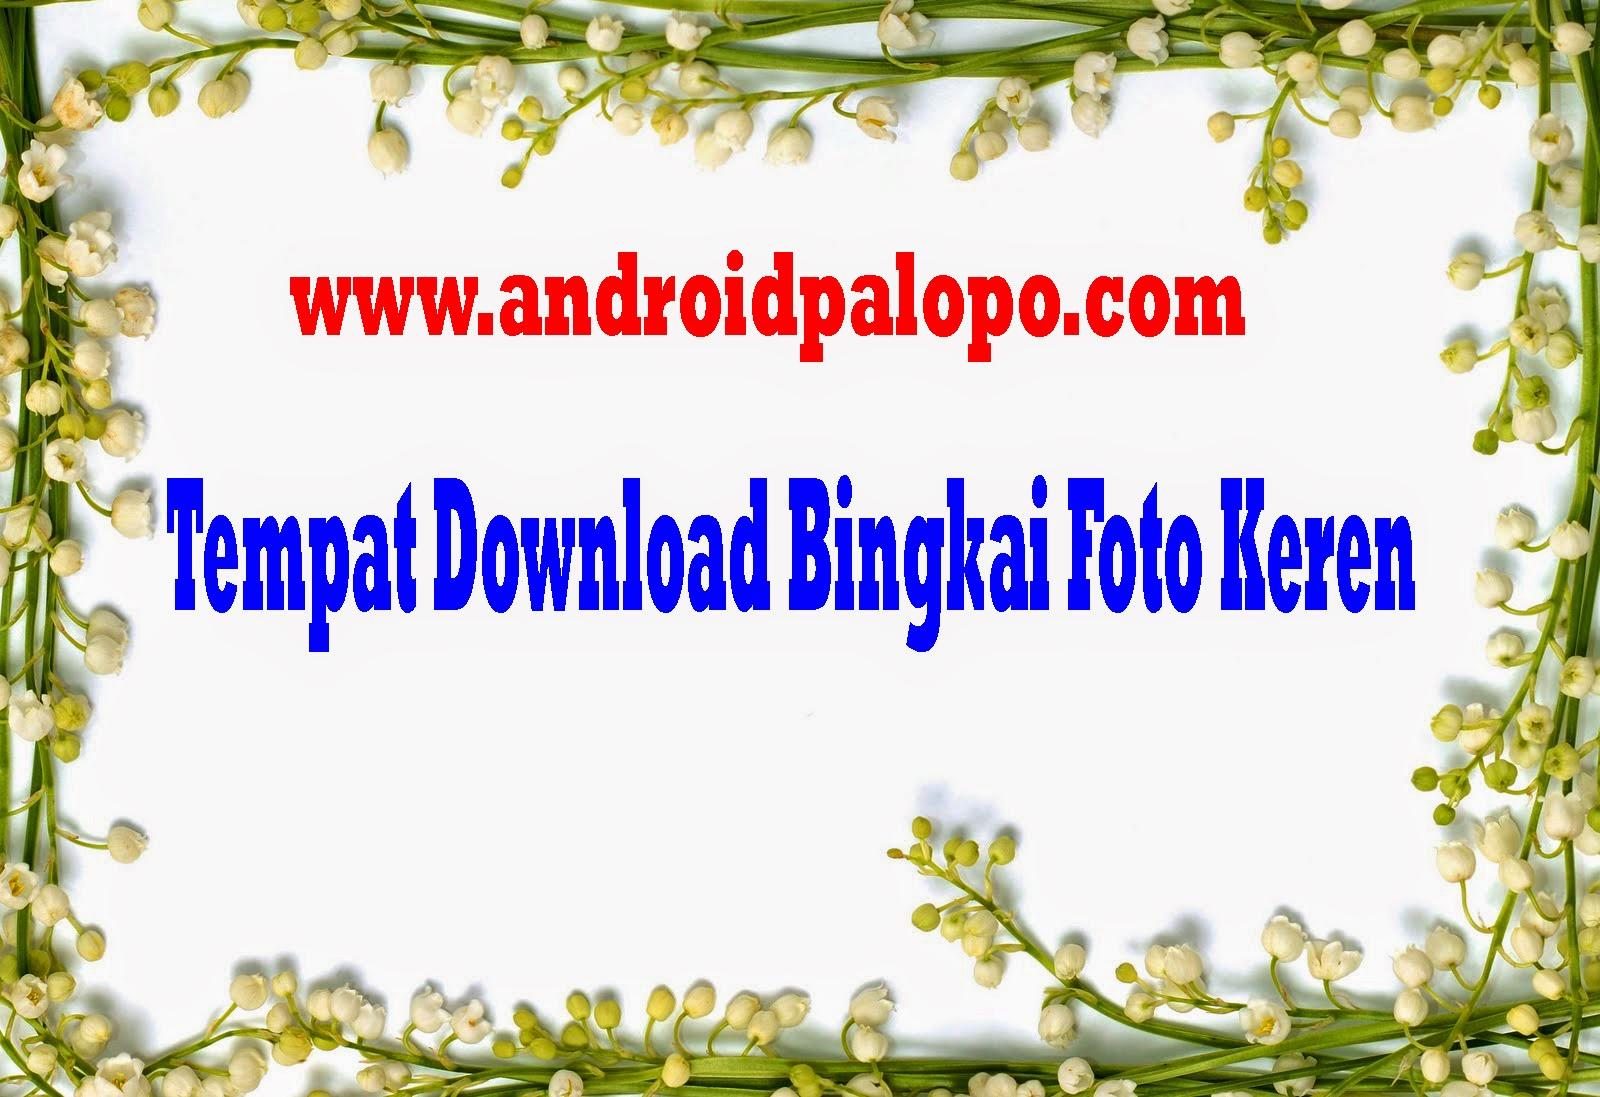 Aplikasi Untuk BINGKAI FOTO Terbaik di Android